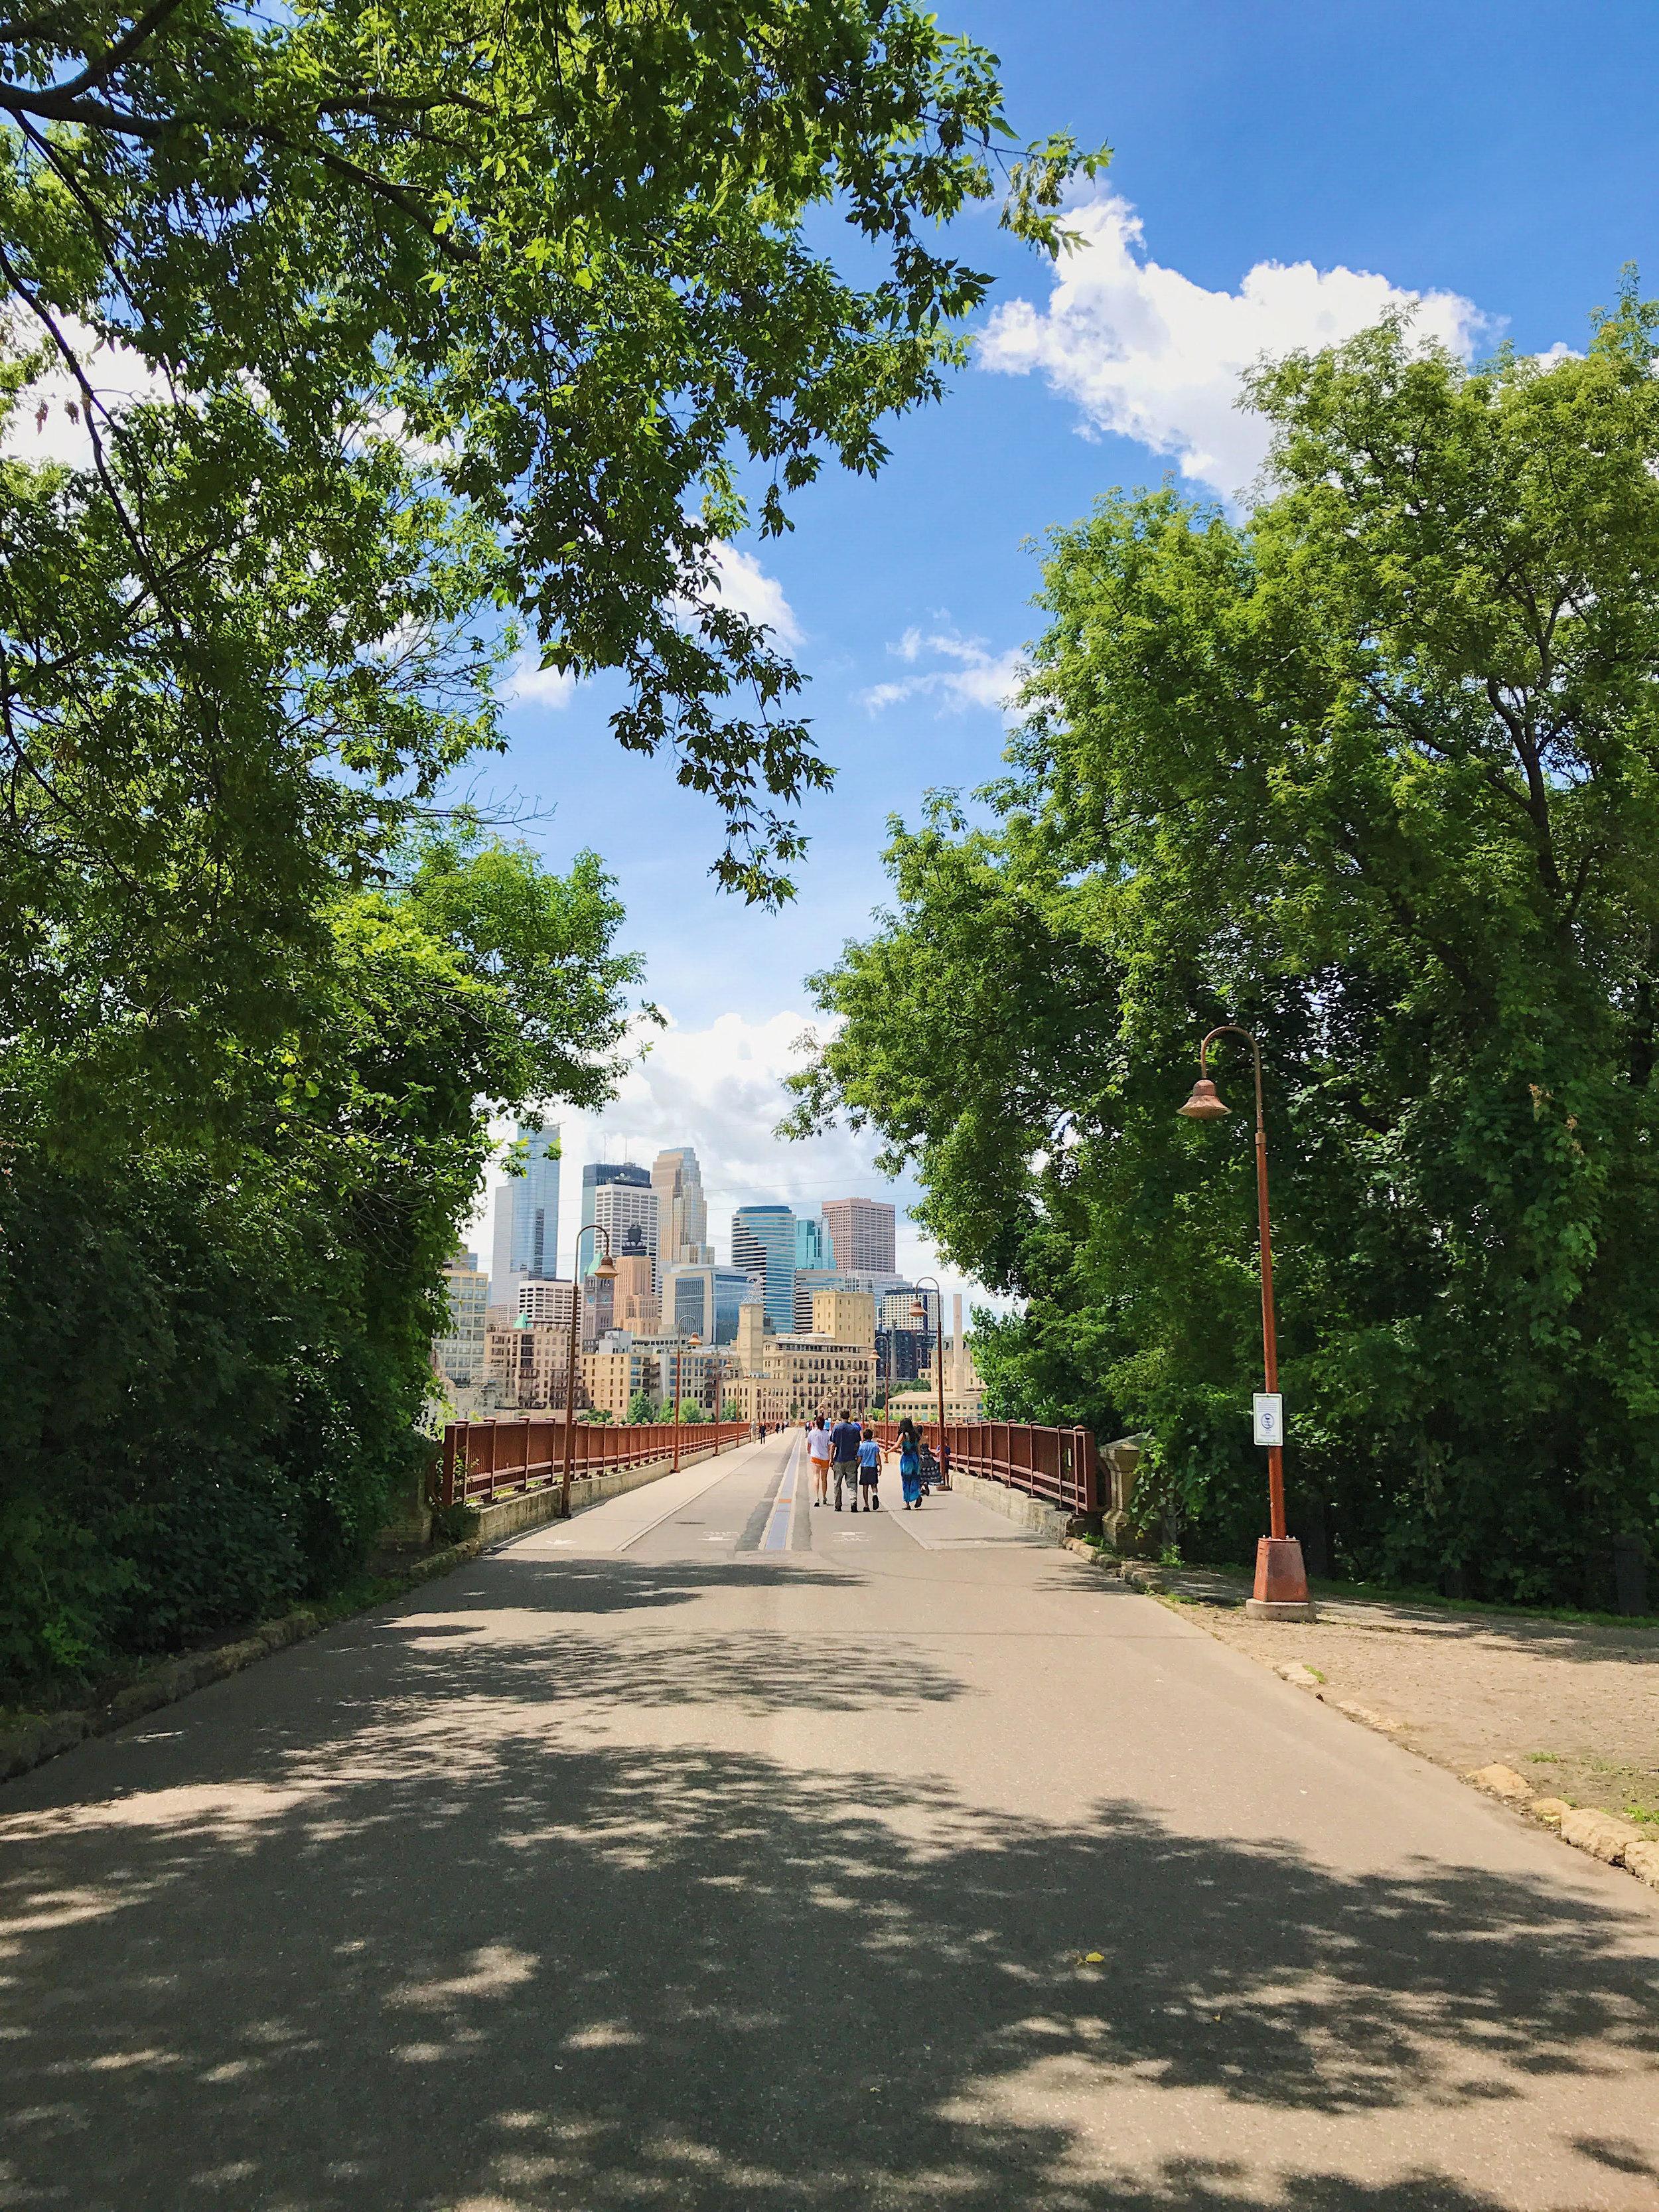 View across the Stone Arch Bridge into downtown Minneapolis